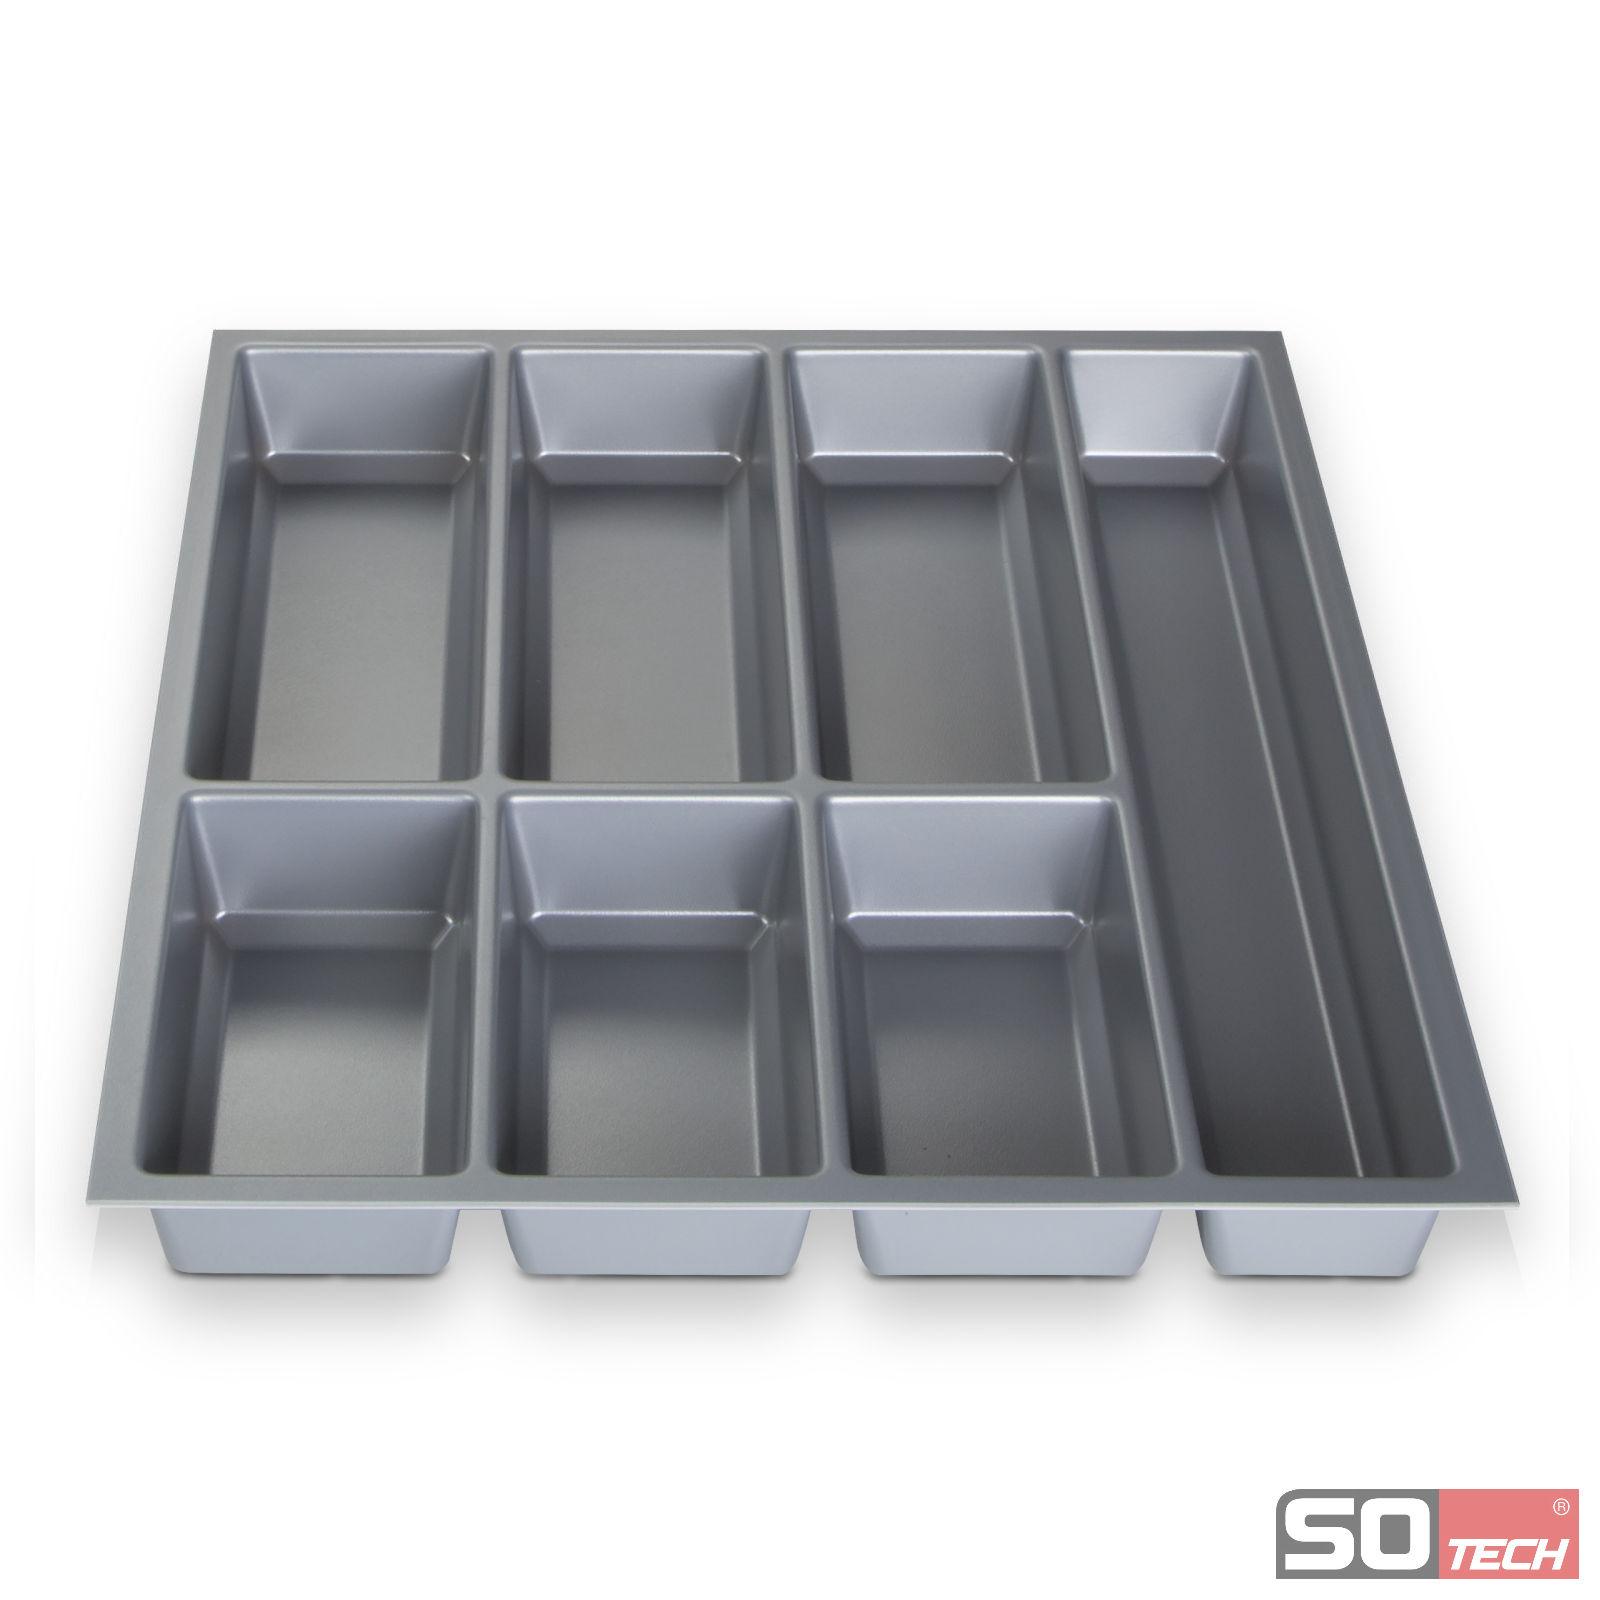 besteckeinsatz orga box f r 50cm schublade besteckkasten. Black Bedroom Furniture Sets. Home Design Ideas